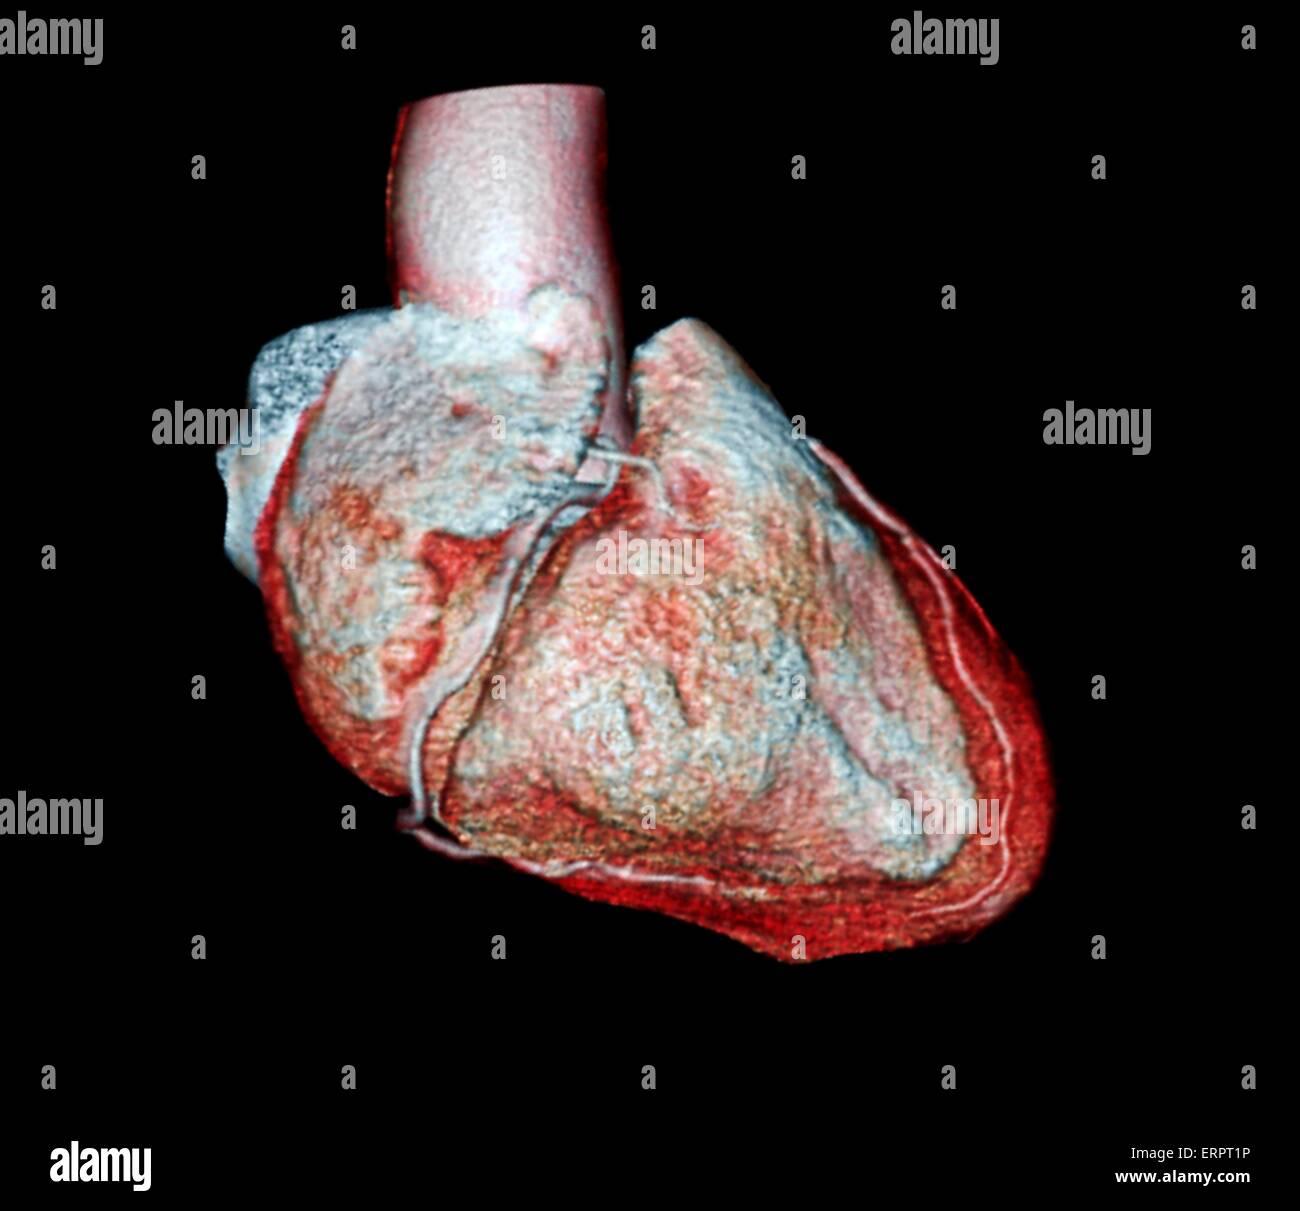 Farbige 3D Computertomographie (CT) Untersuchung des Herzens eines ...